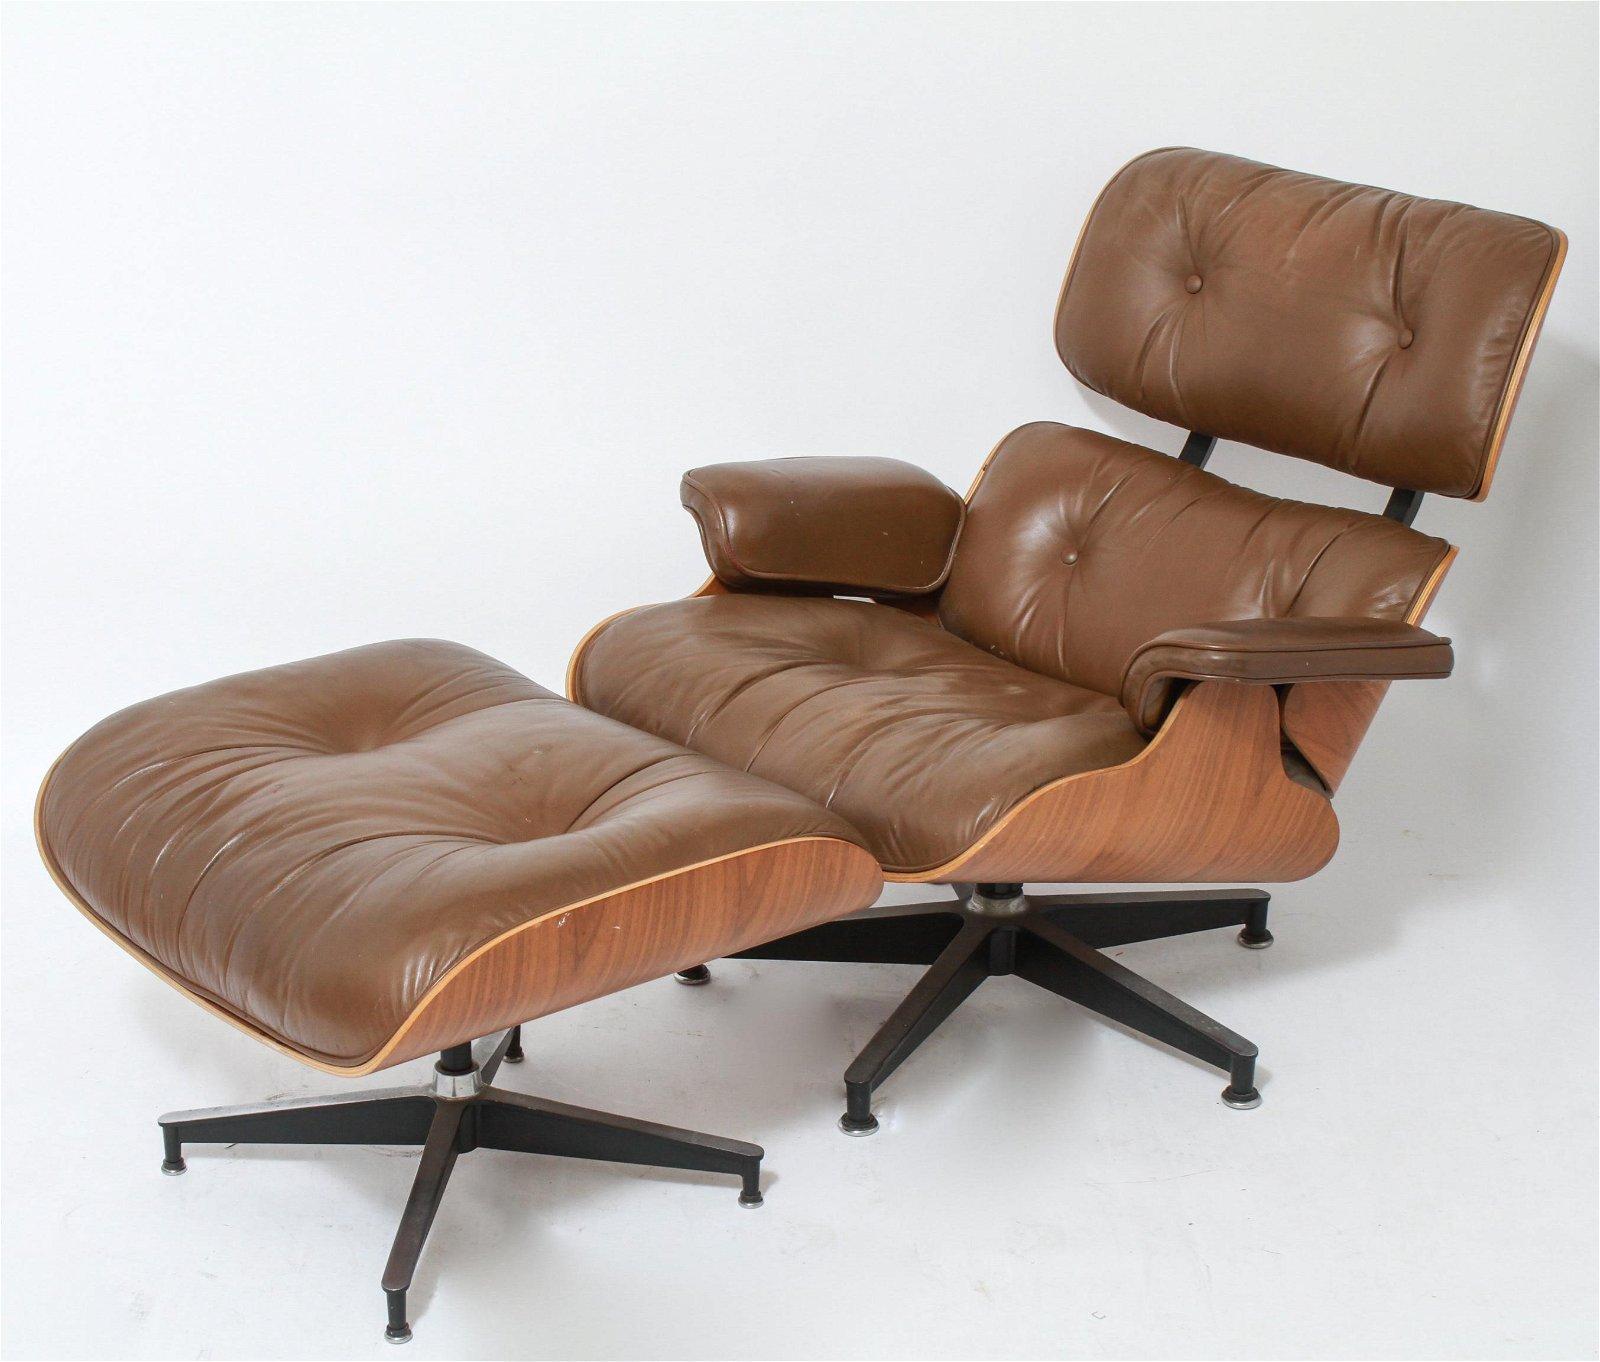 Eames Herman Miller Lounge Chair & Ottoman